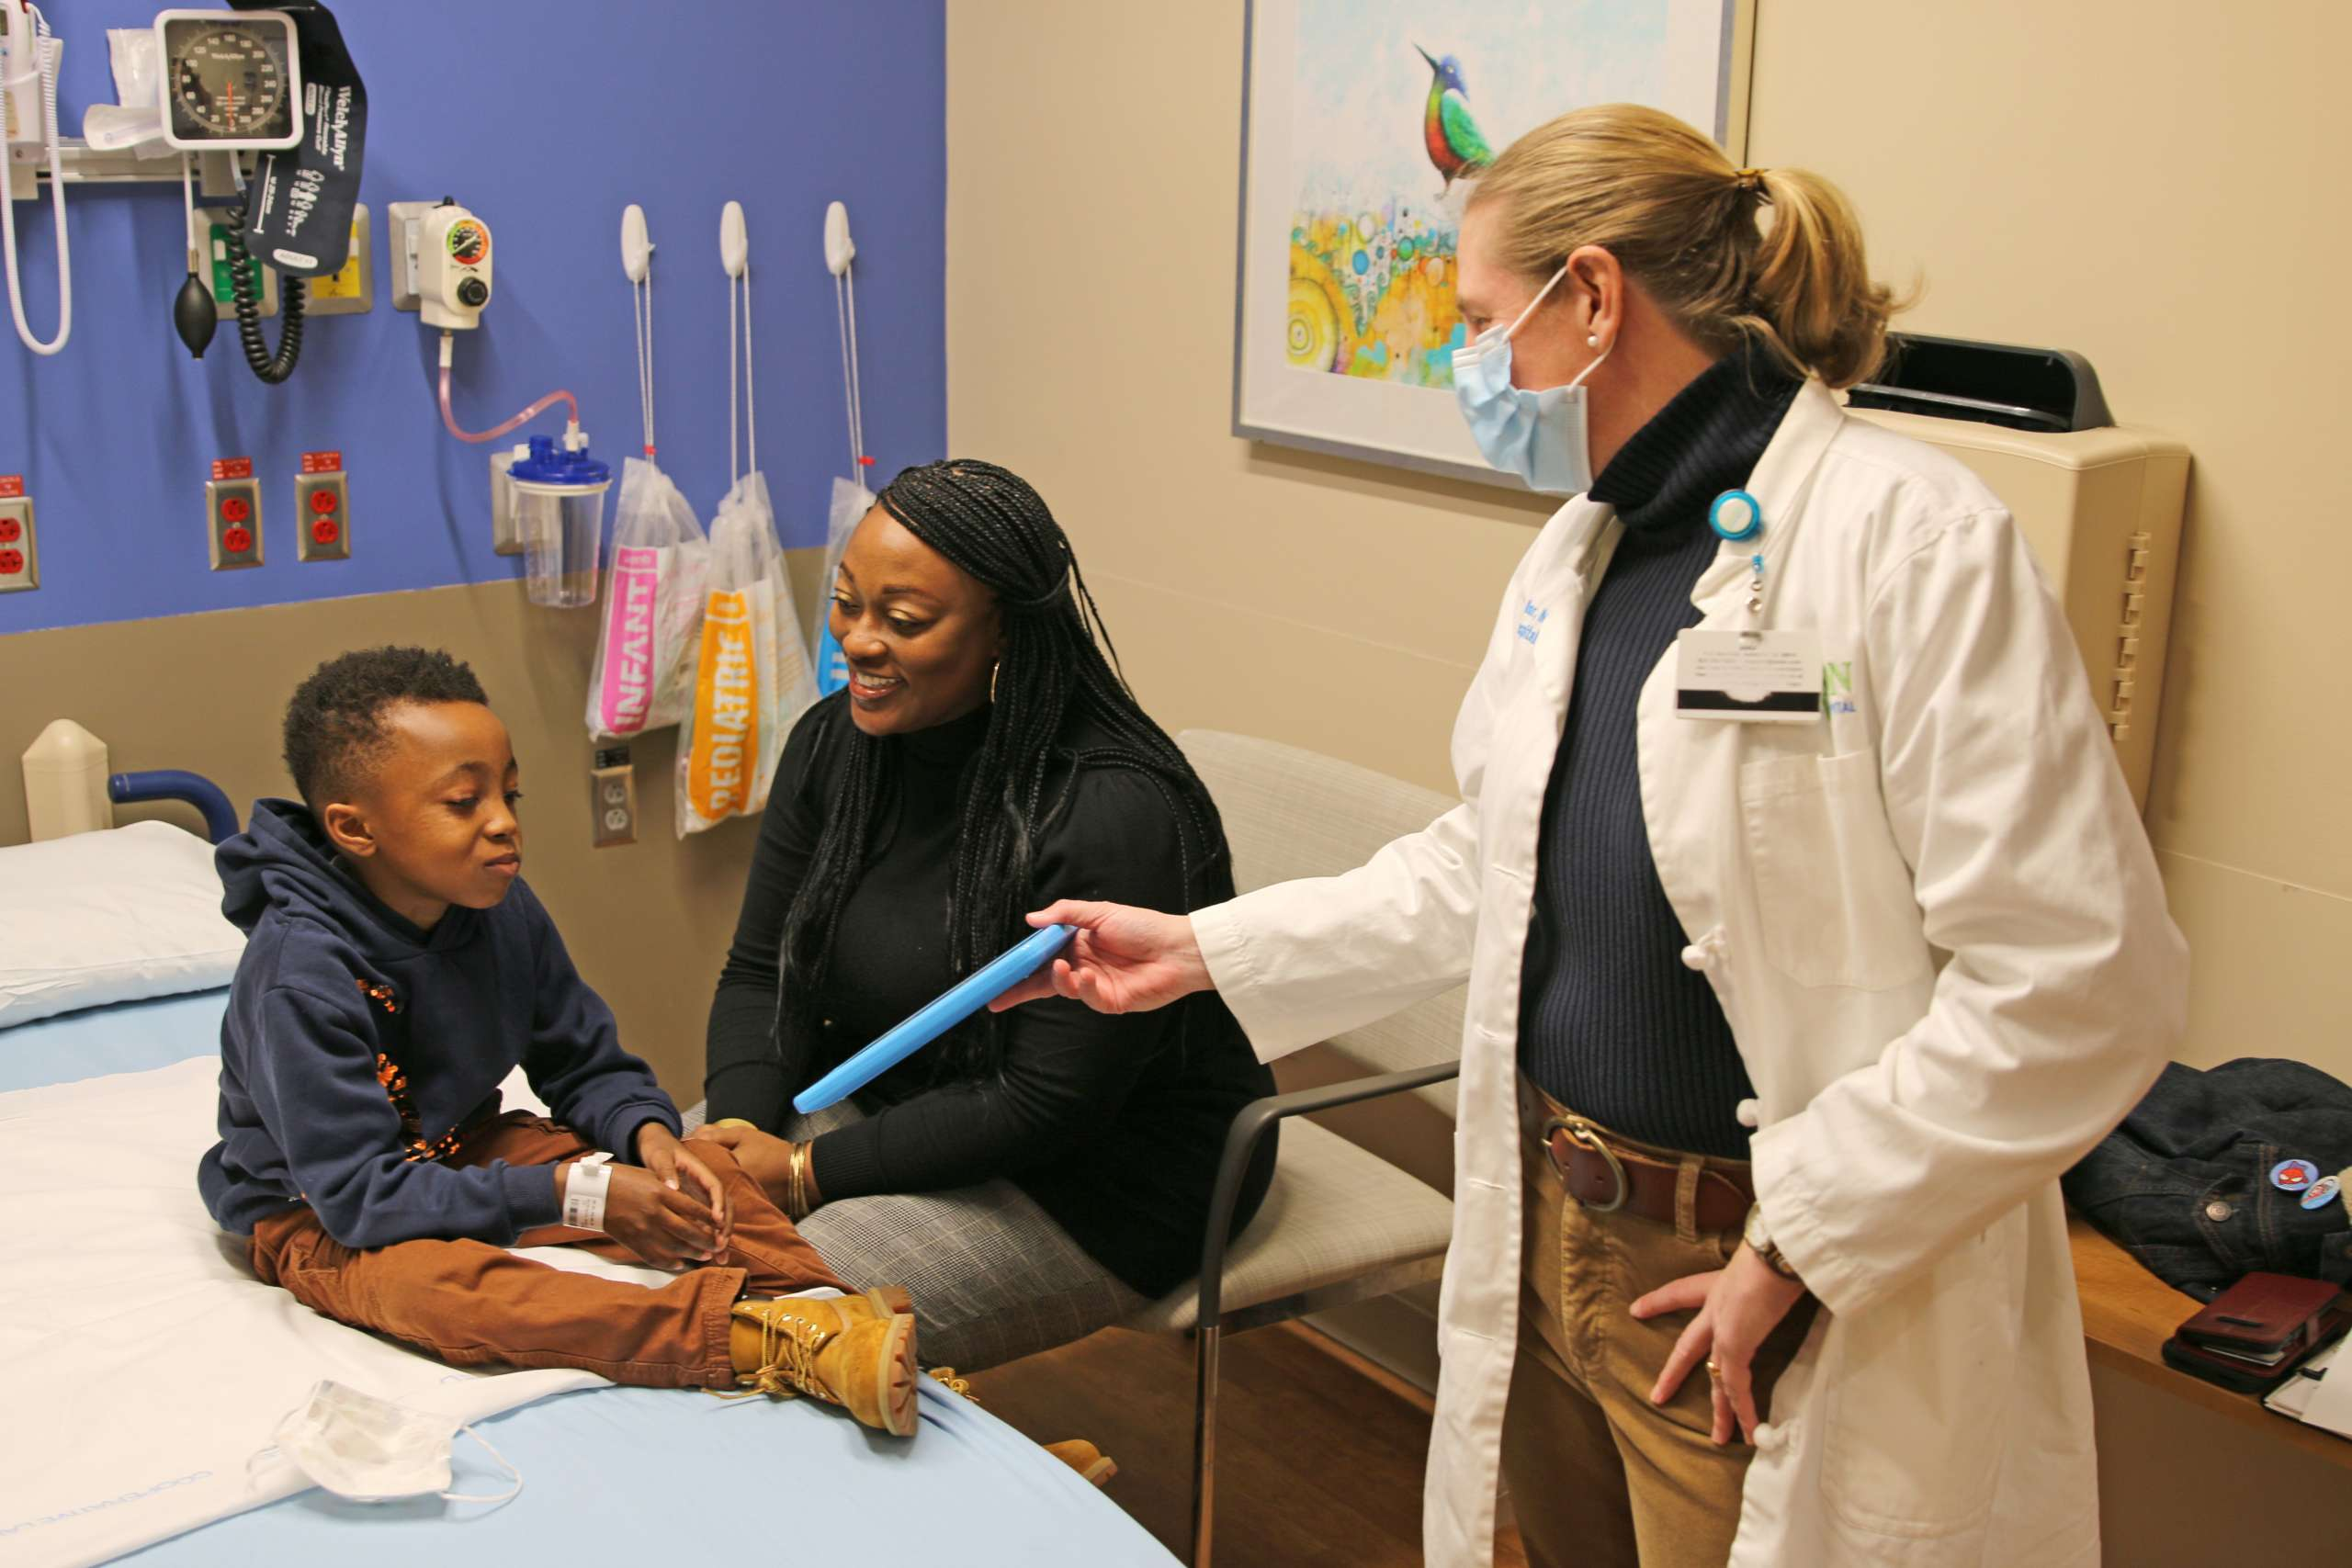 Family at the Pediatric ER